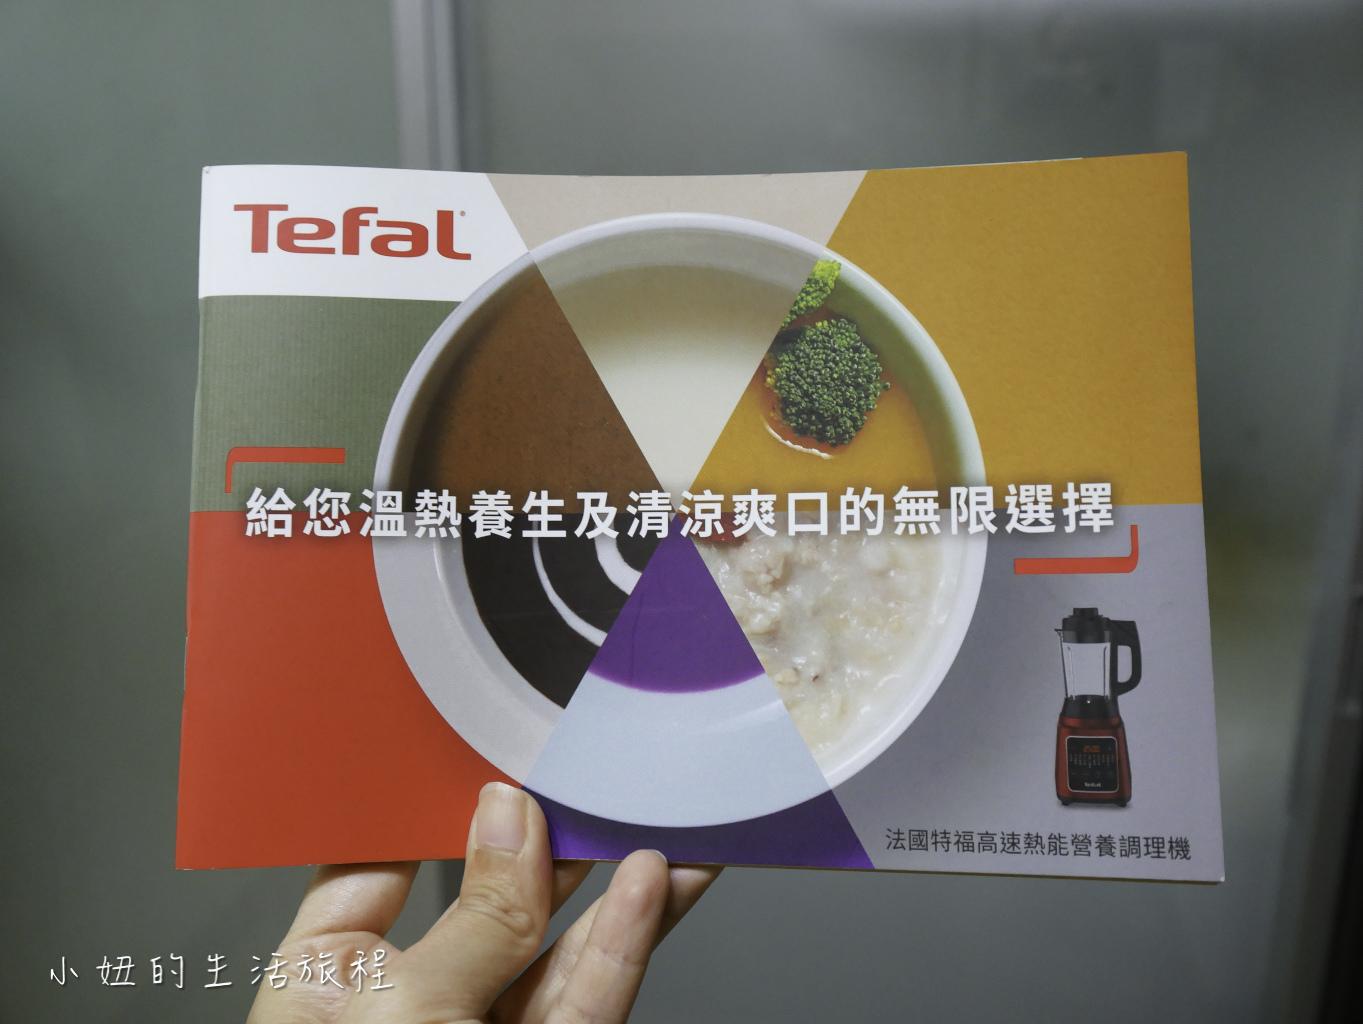 Tefal法國特福高速熱能營養調理機-12.jpg